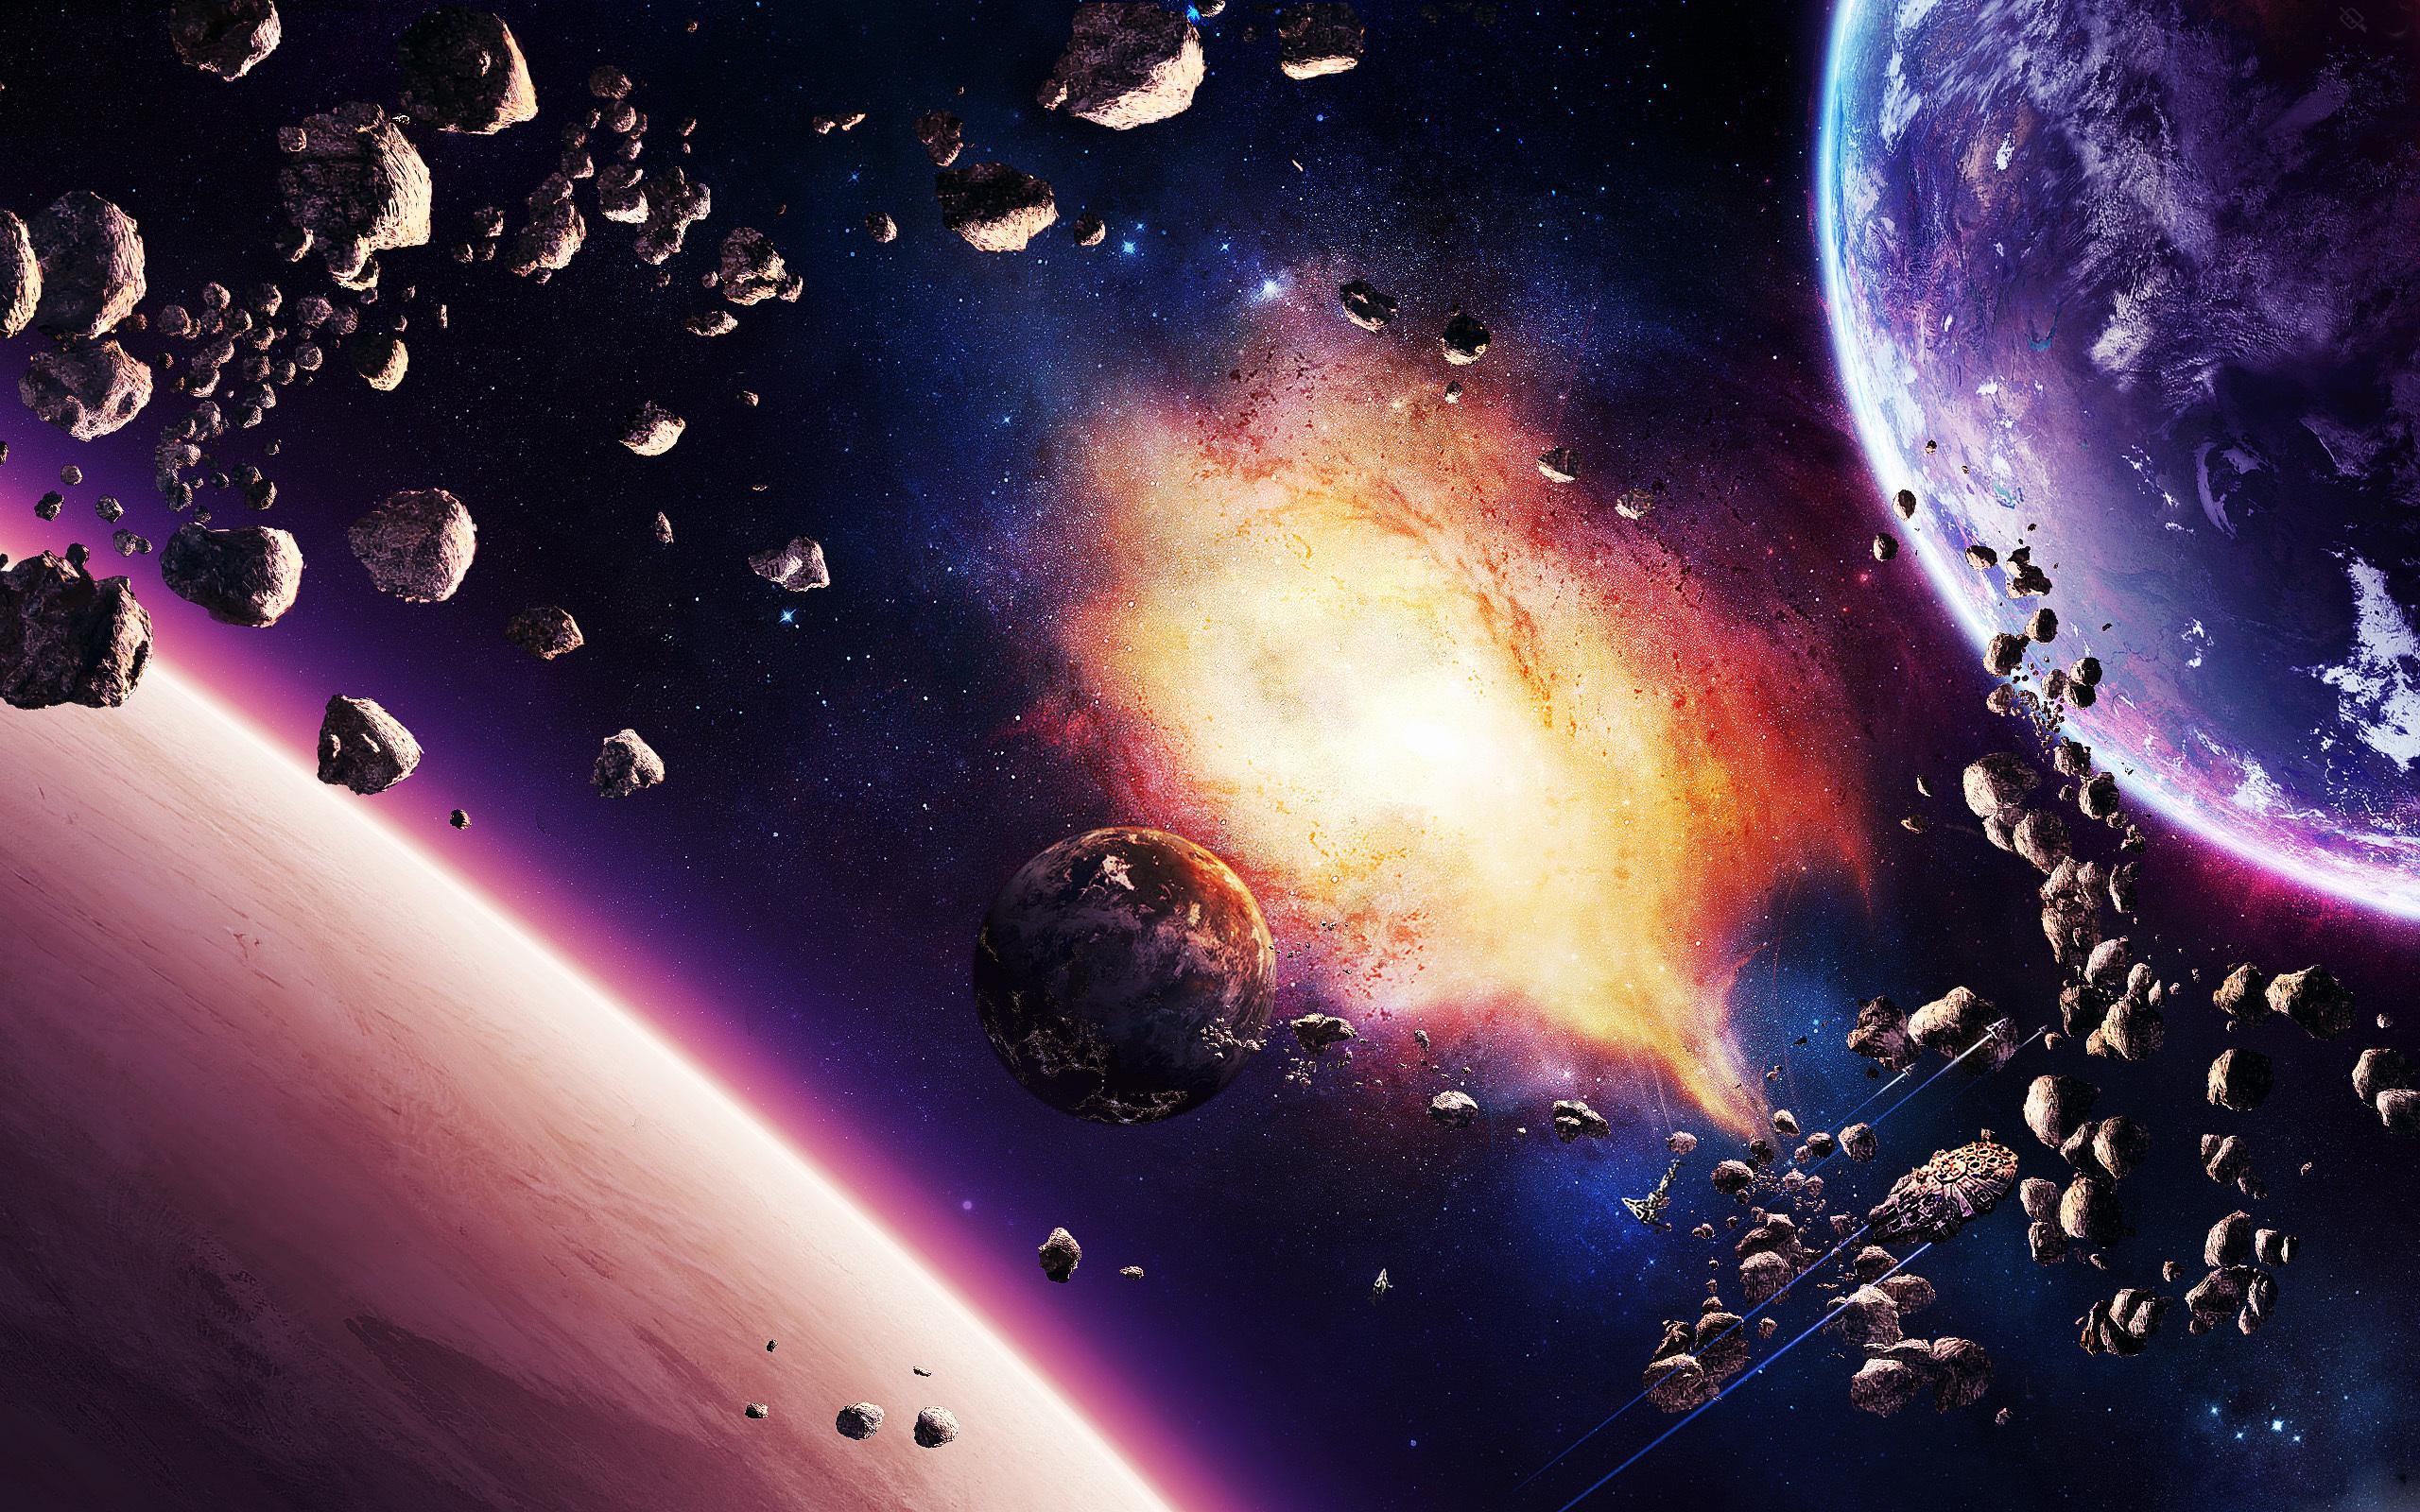 Обои Космос Корабль планета картинки на рабочий стол на тему Космос - скачать без смс